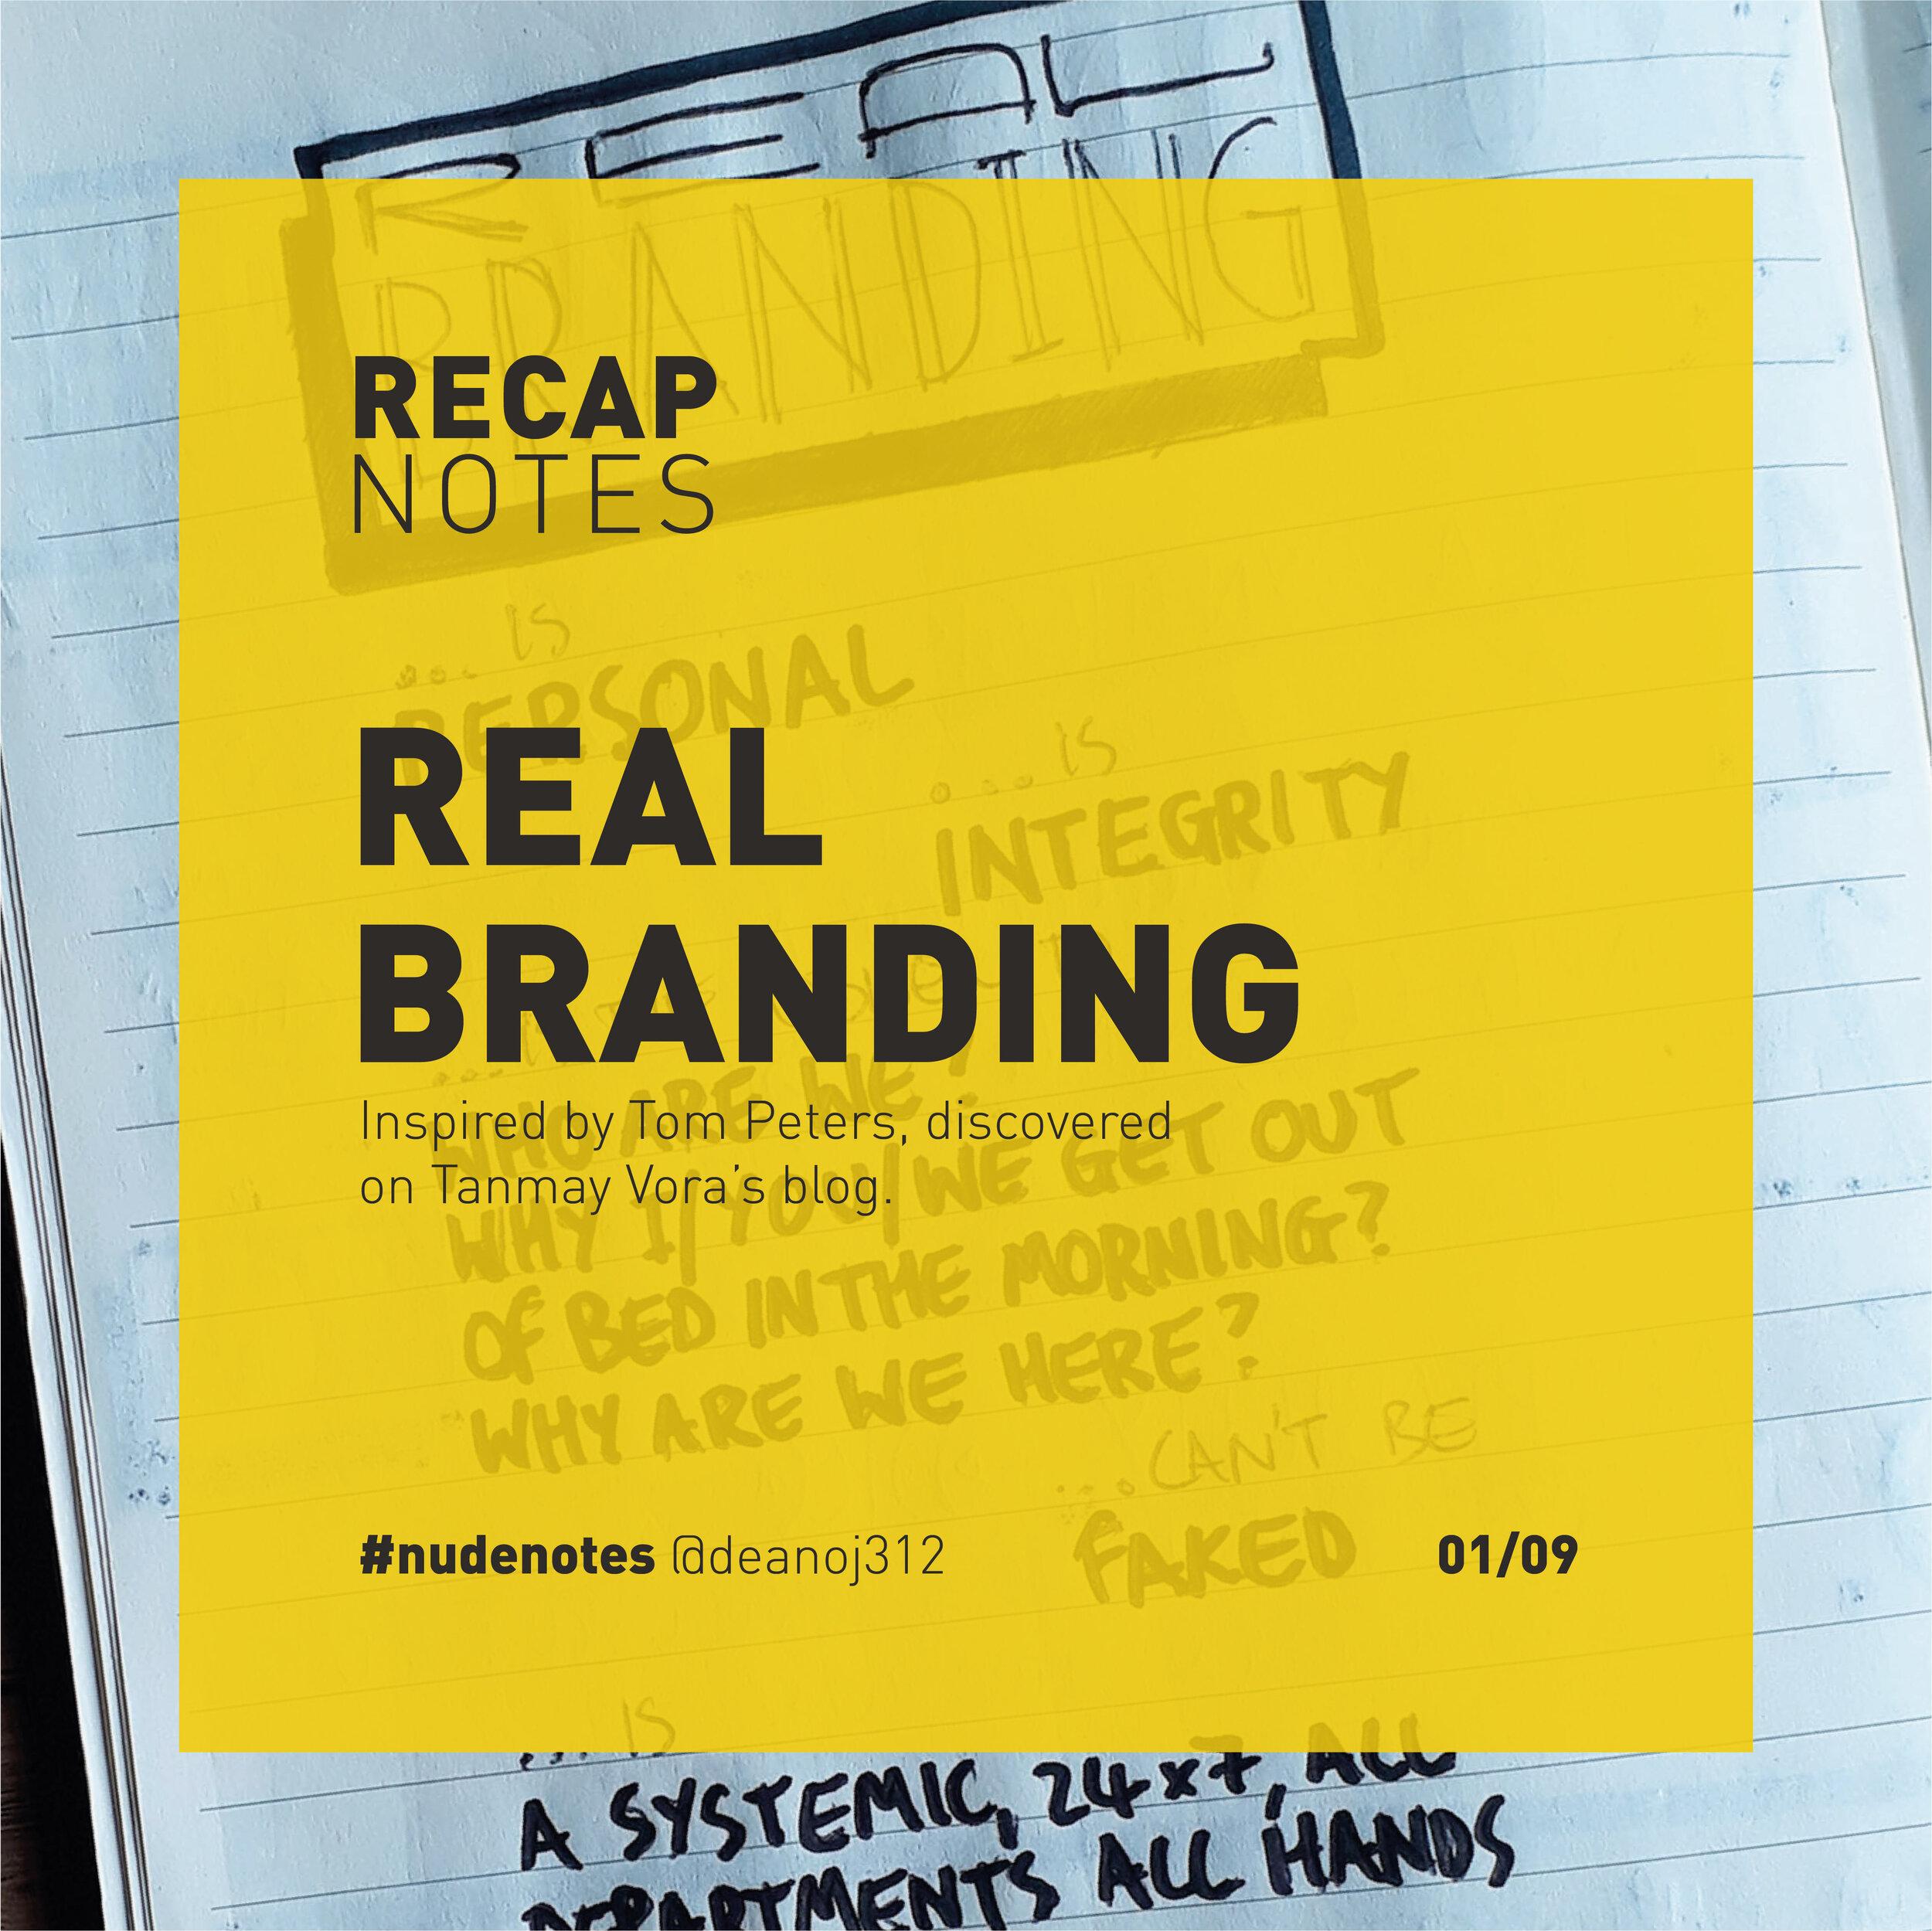 RealBranding_RecapPost_1.jpg